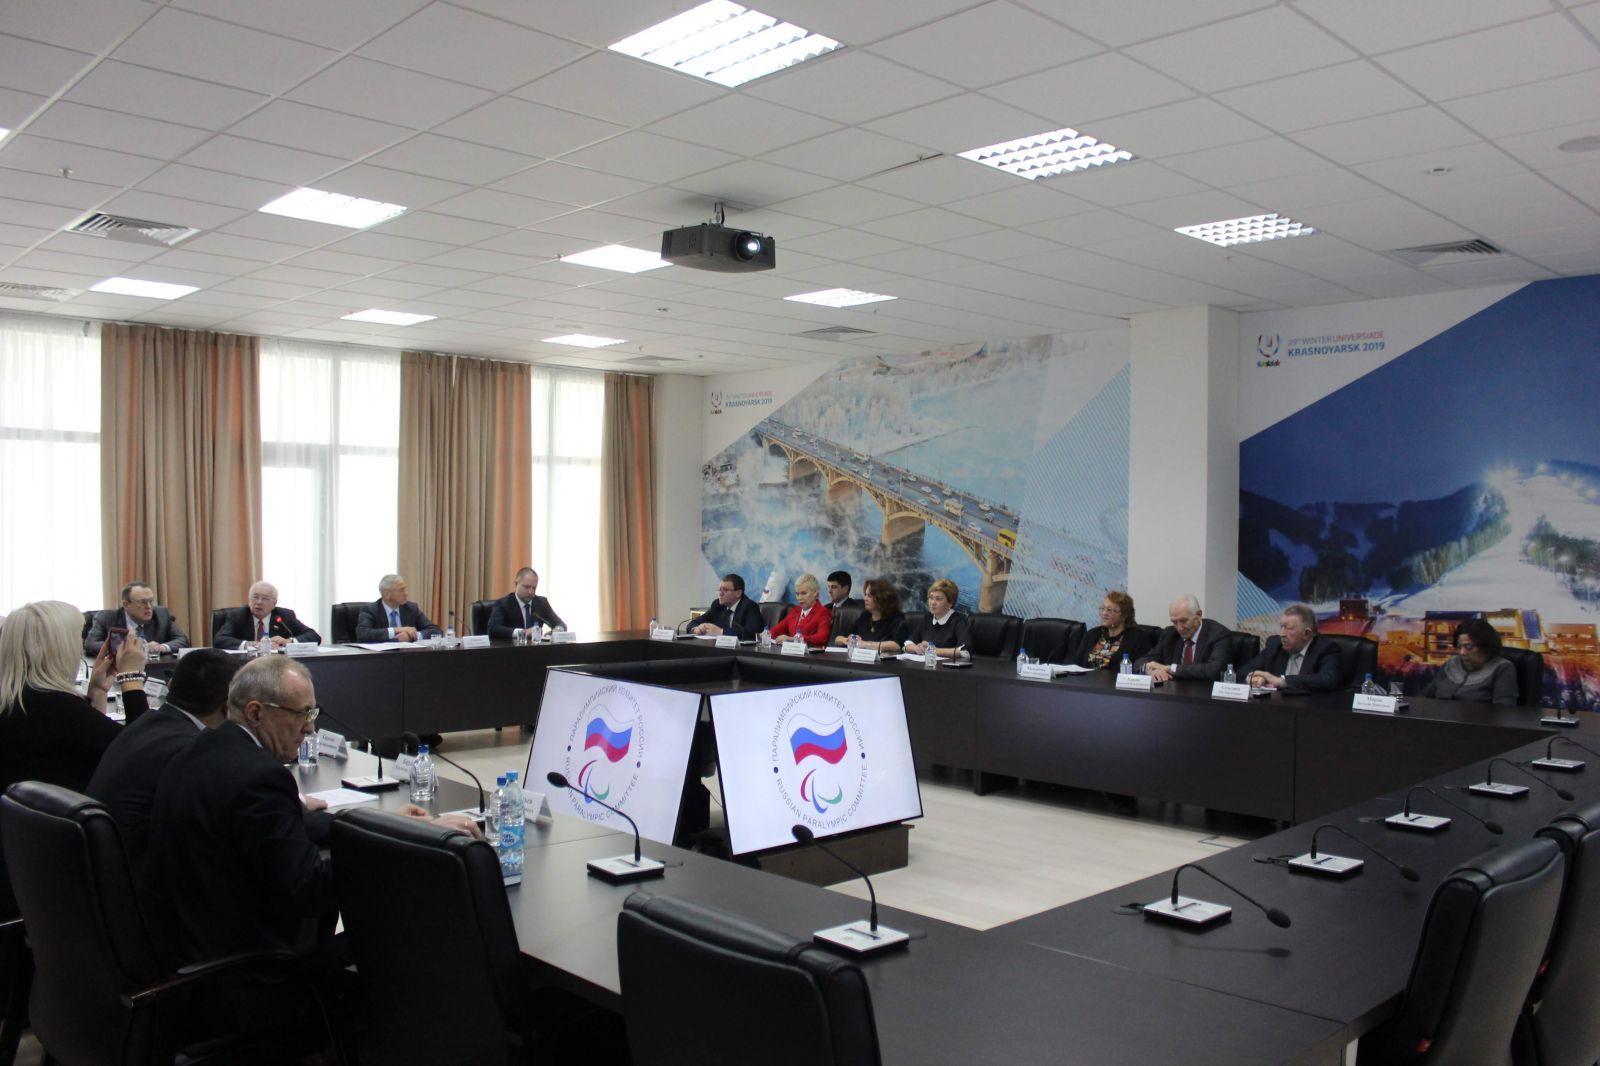 В Красноярске под руководством президента ПКР В.П. Лукина состоялось завершающее в 2018 году заседание Исполкома ПКР